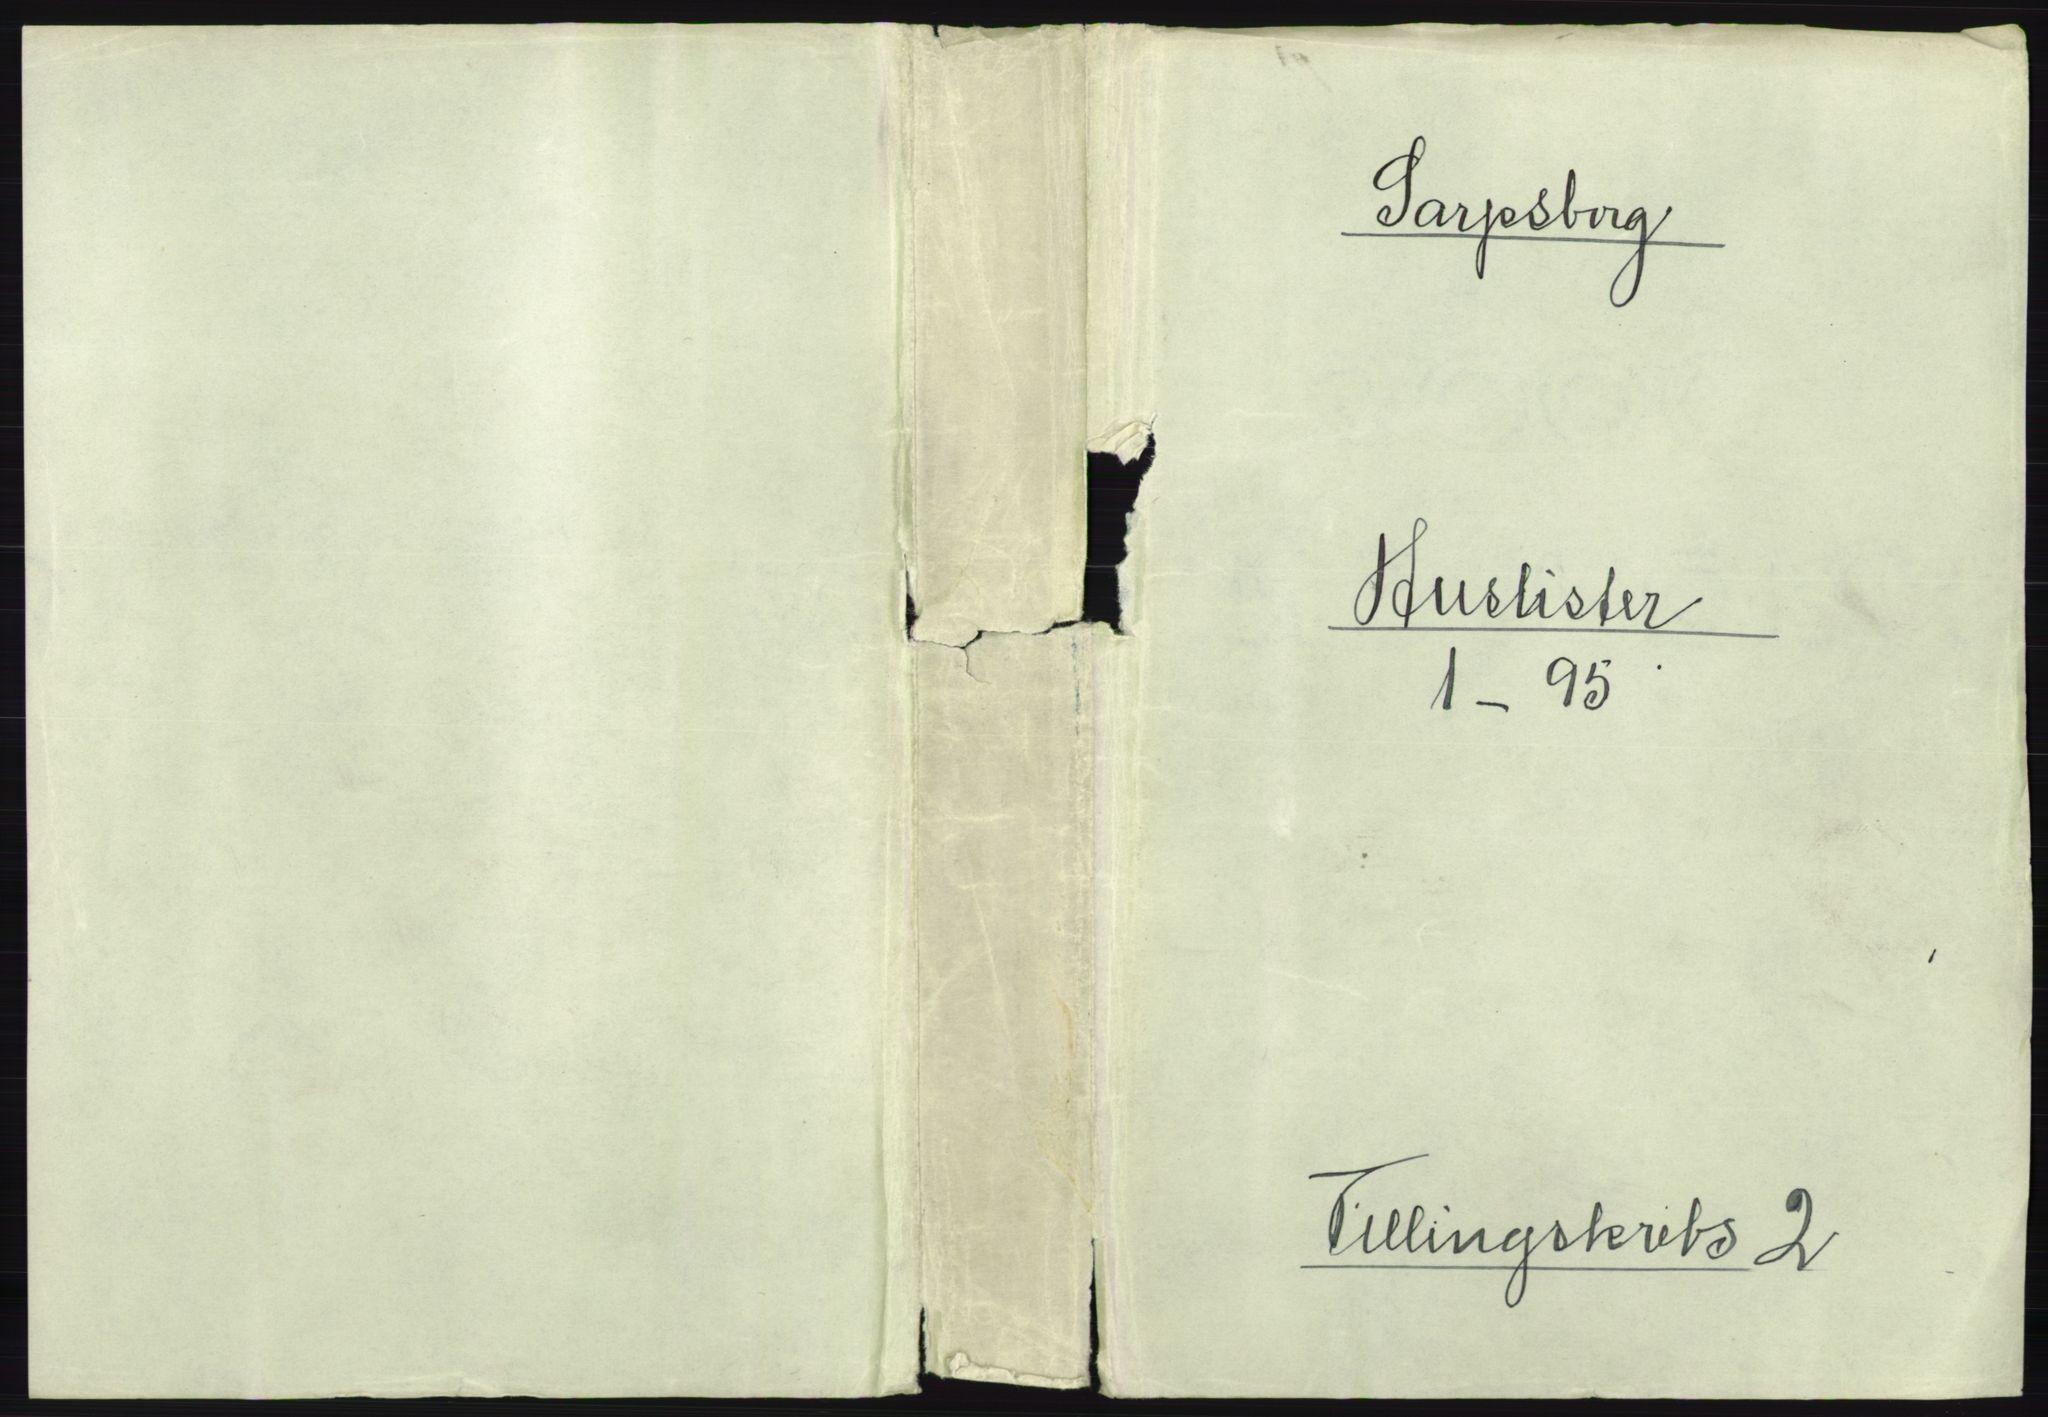 RA, Folketelling 1891 for 0102 Sarpsborg kjøpstad, 1891, s. 1069